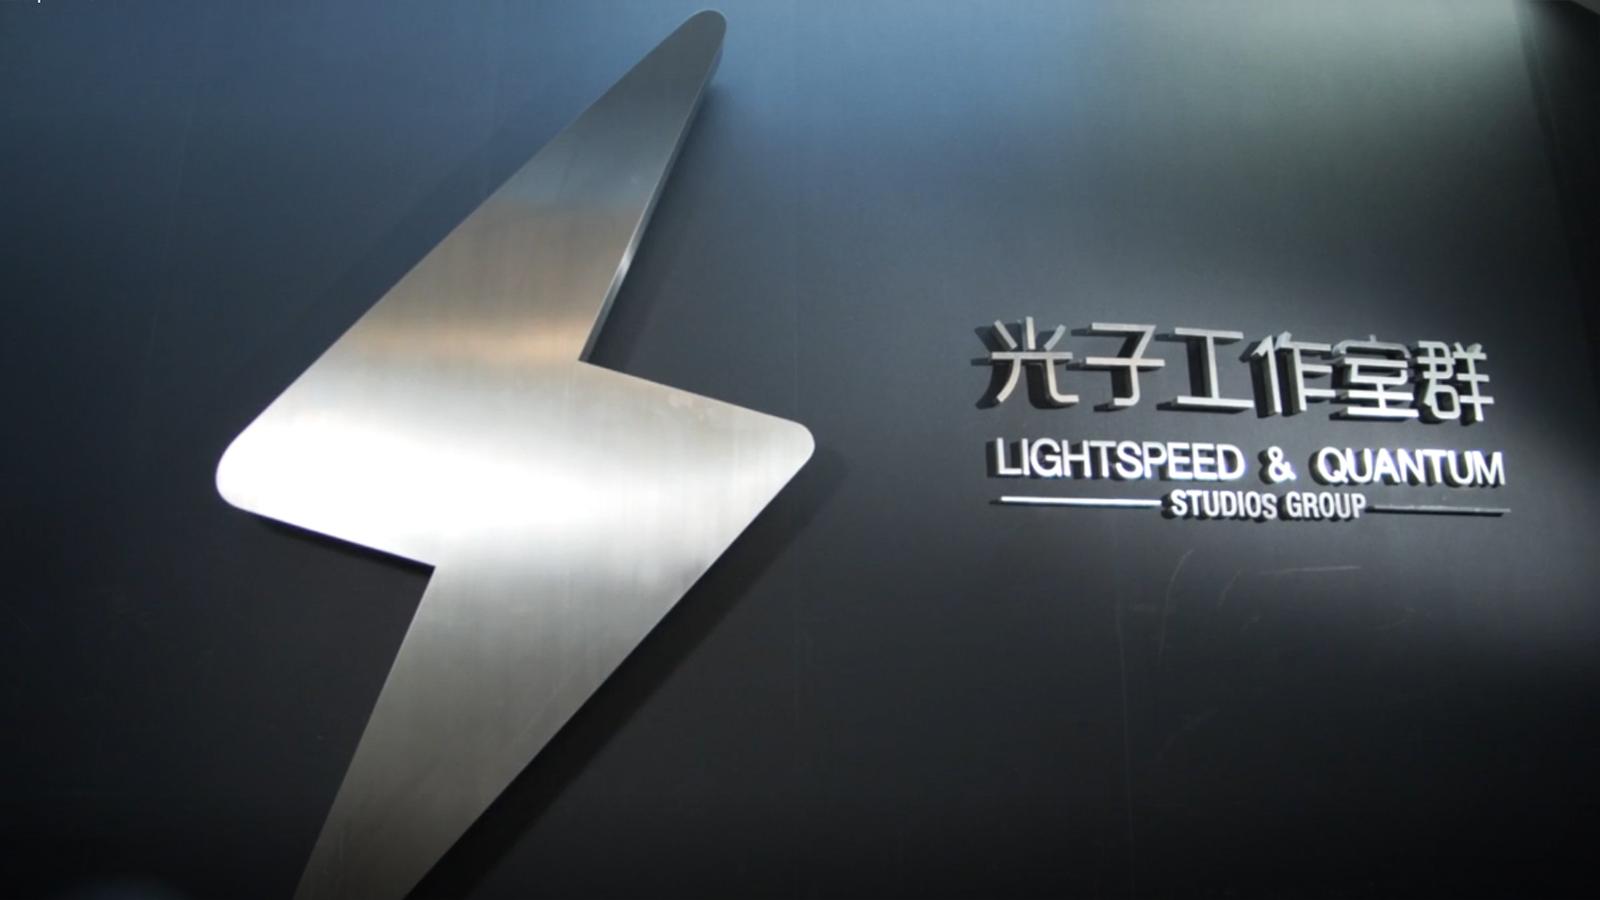 專訪騰訊光子工作室群總裁陳宇:把對游戲的熱愛帶向全世界